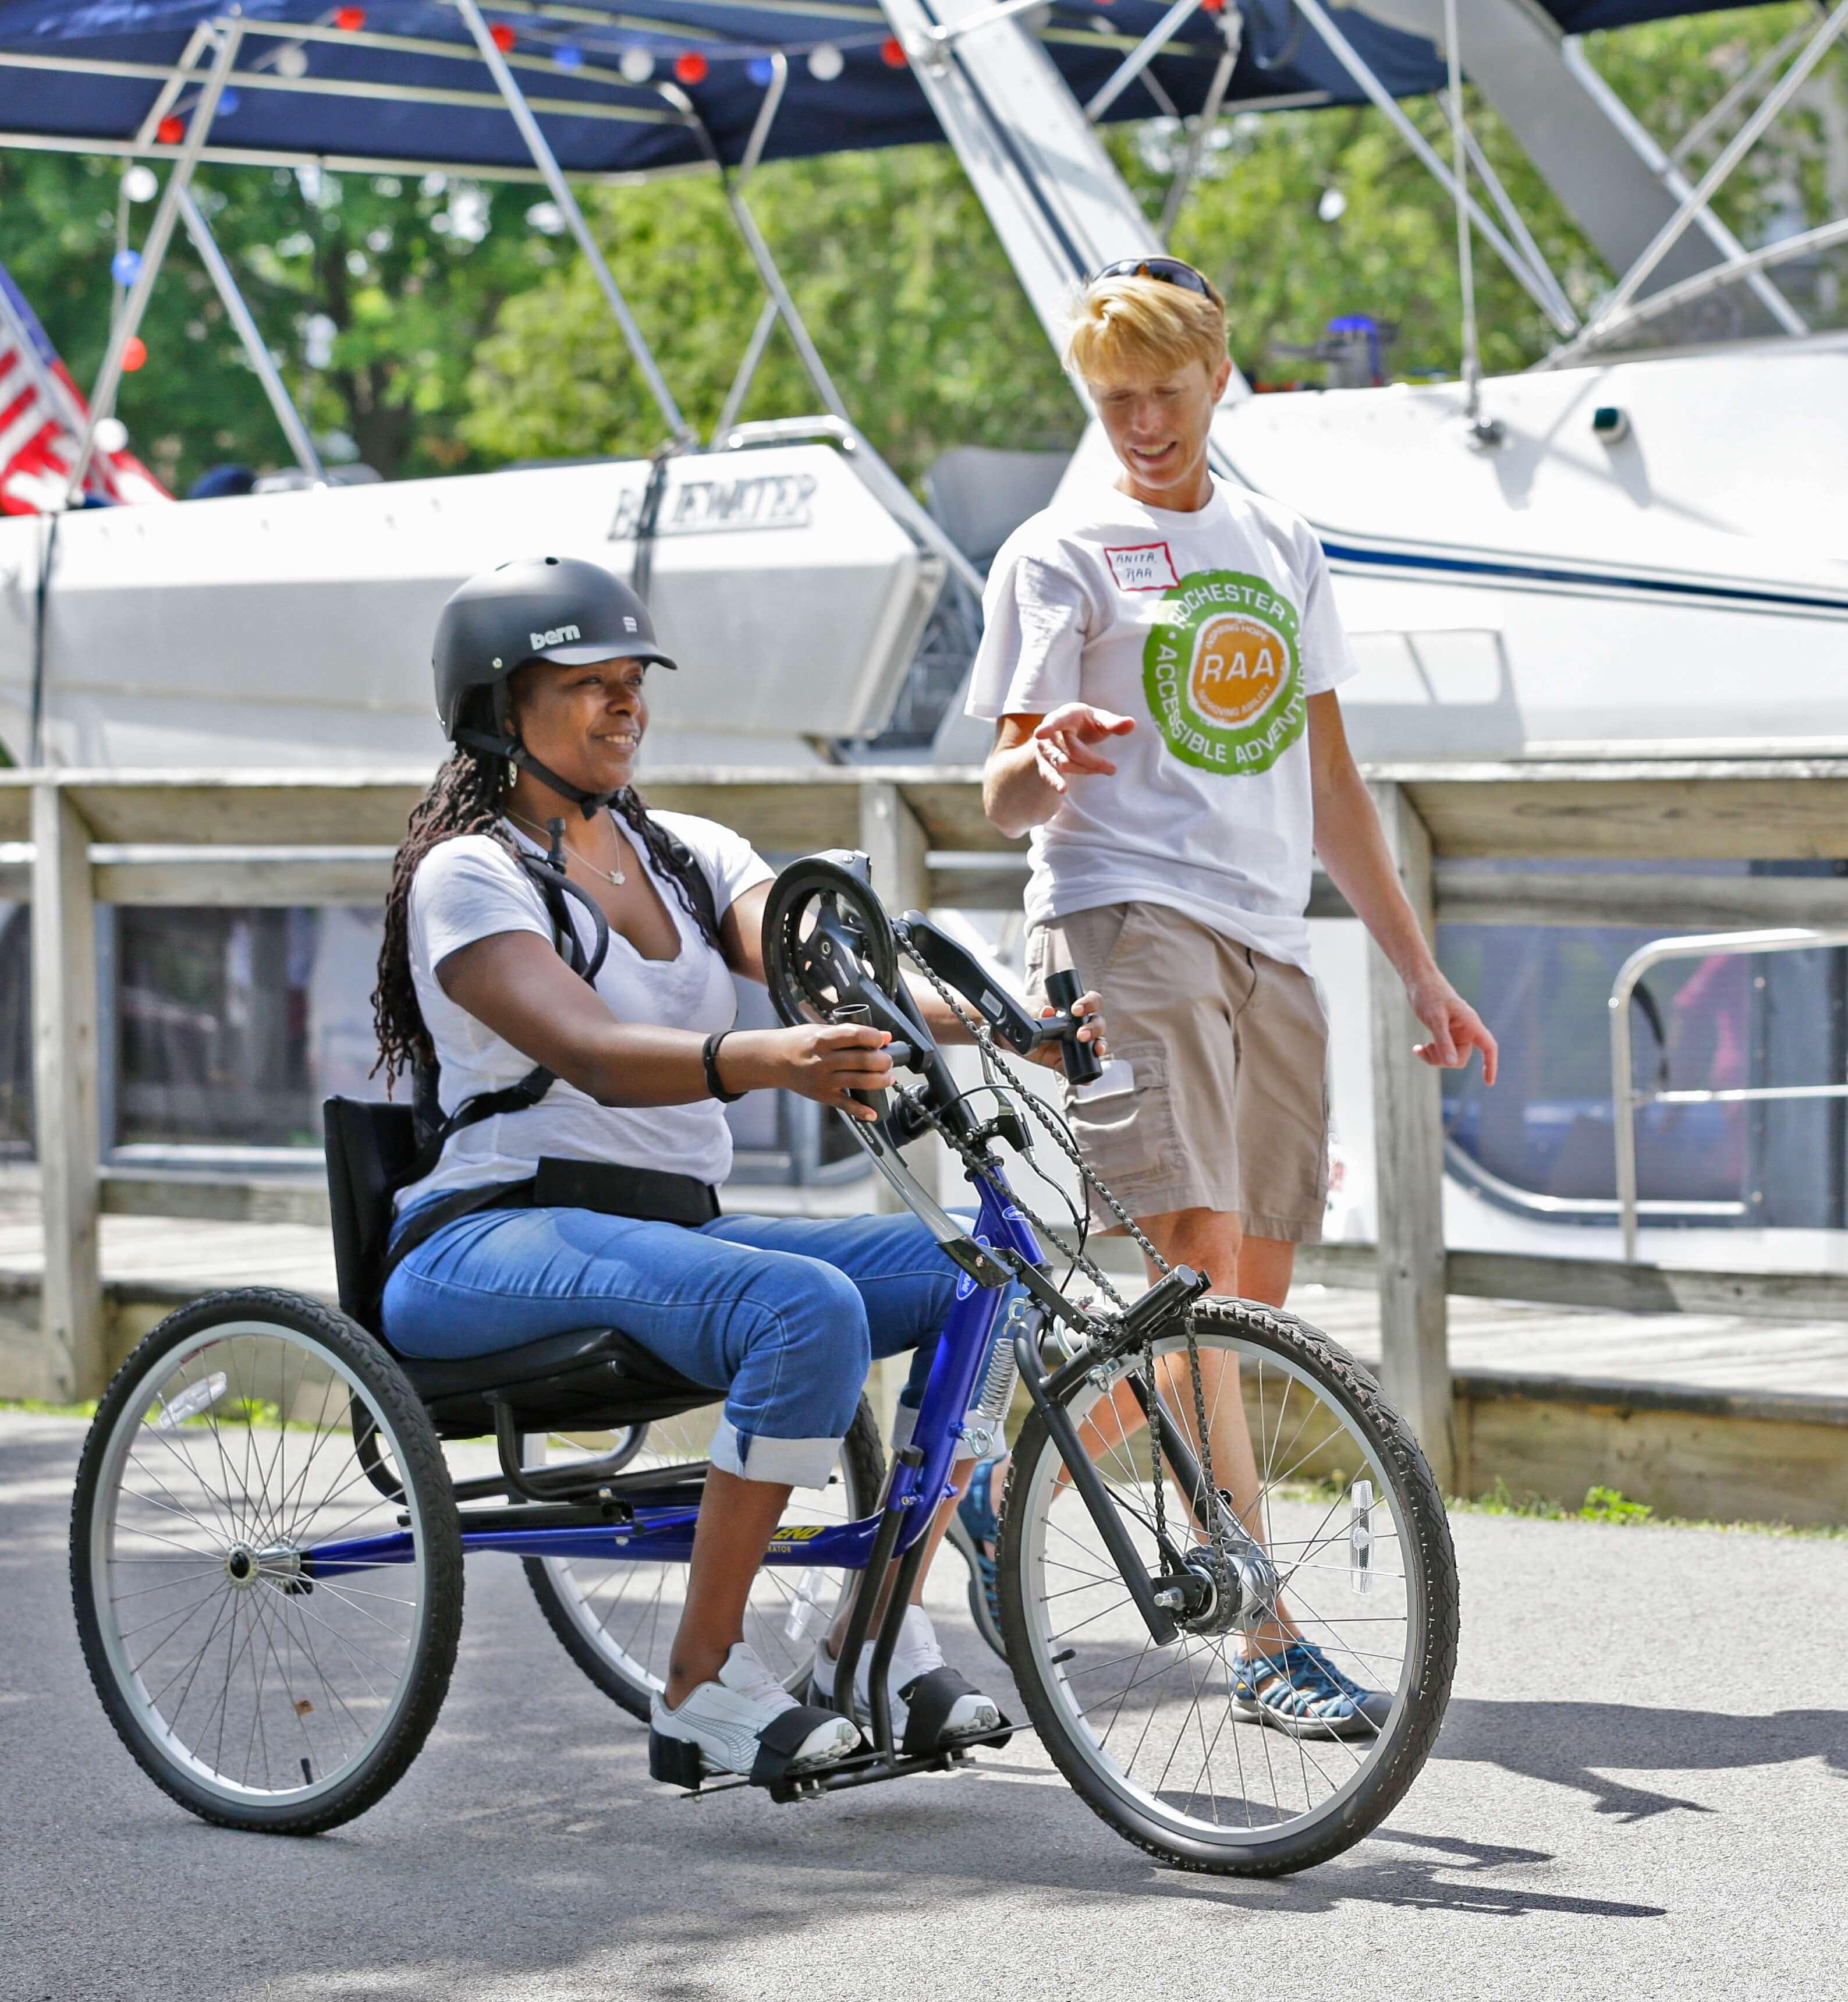 3 - biking woman